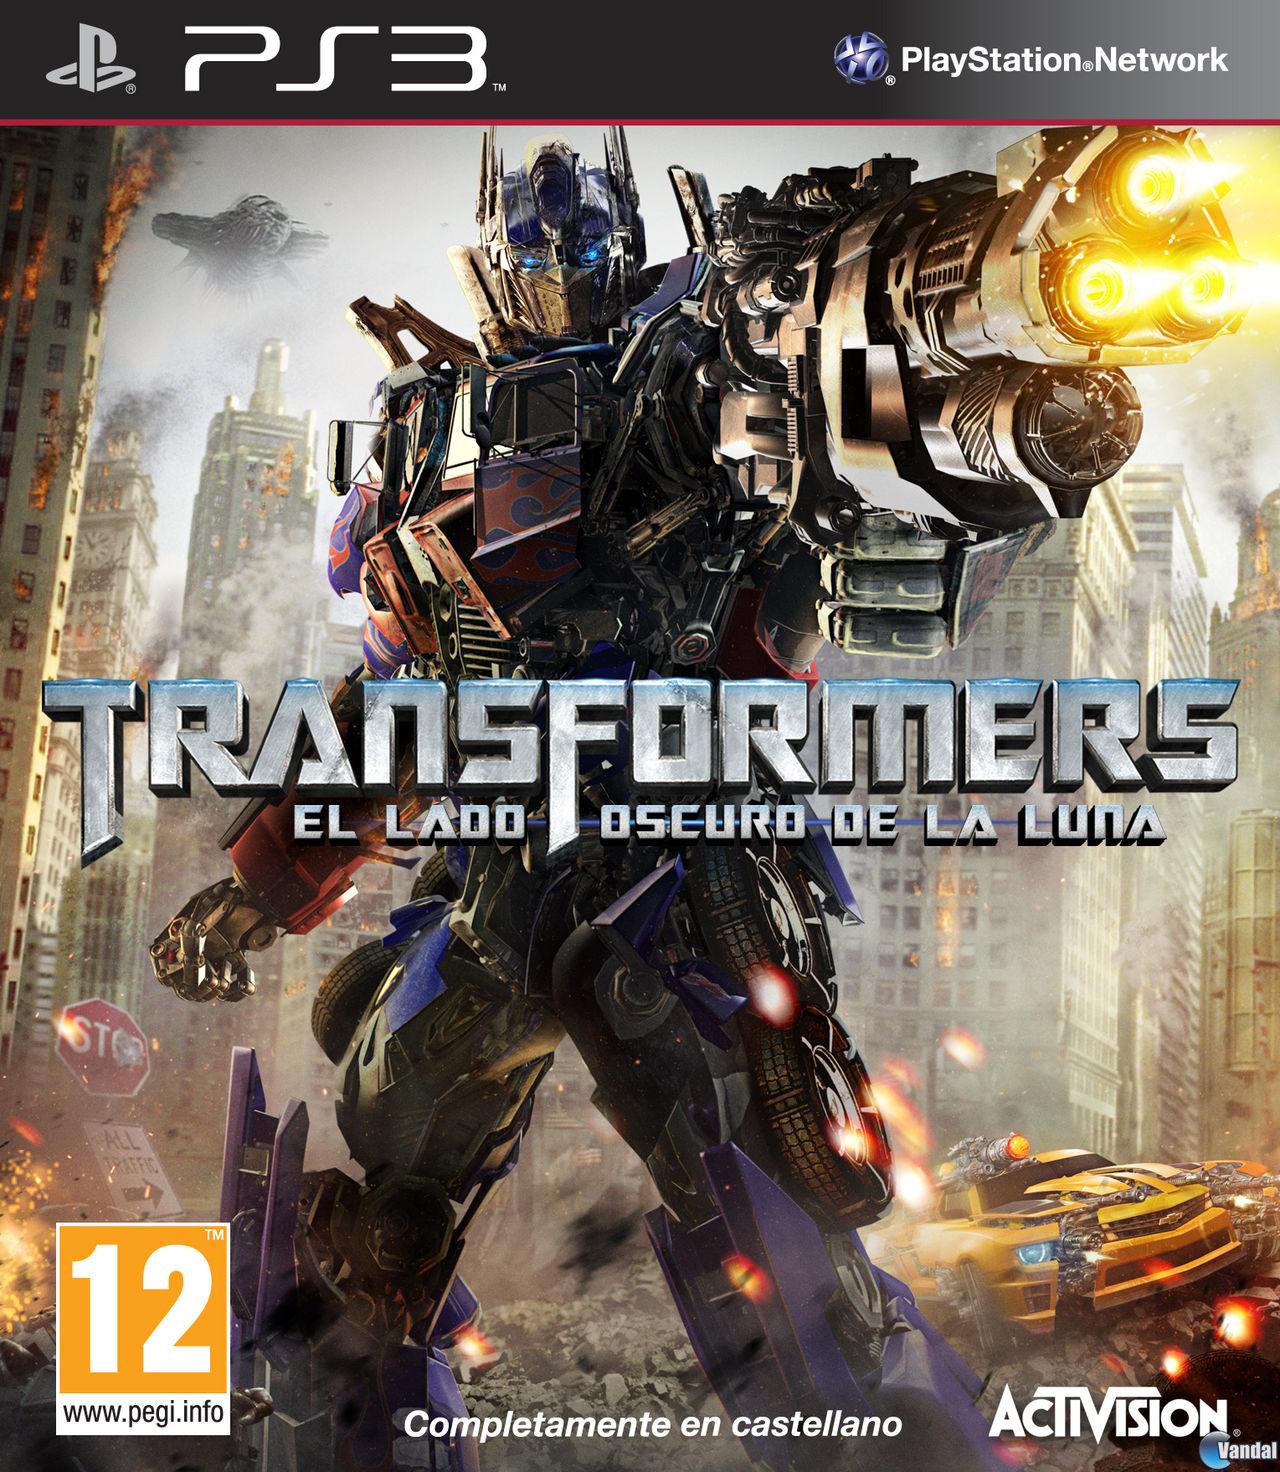 Transformers El lado oscuro de la luna TODA la informacin  PS3